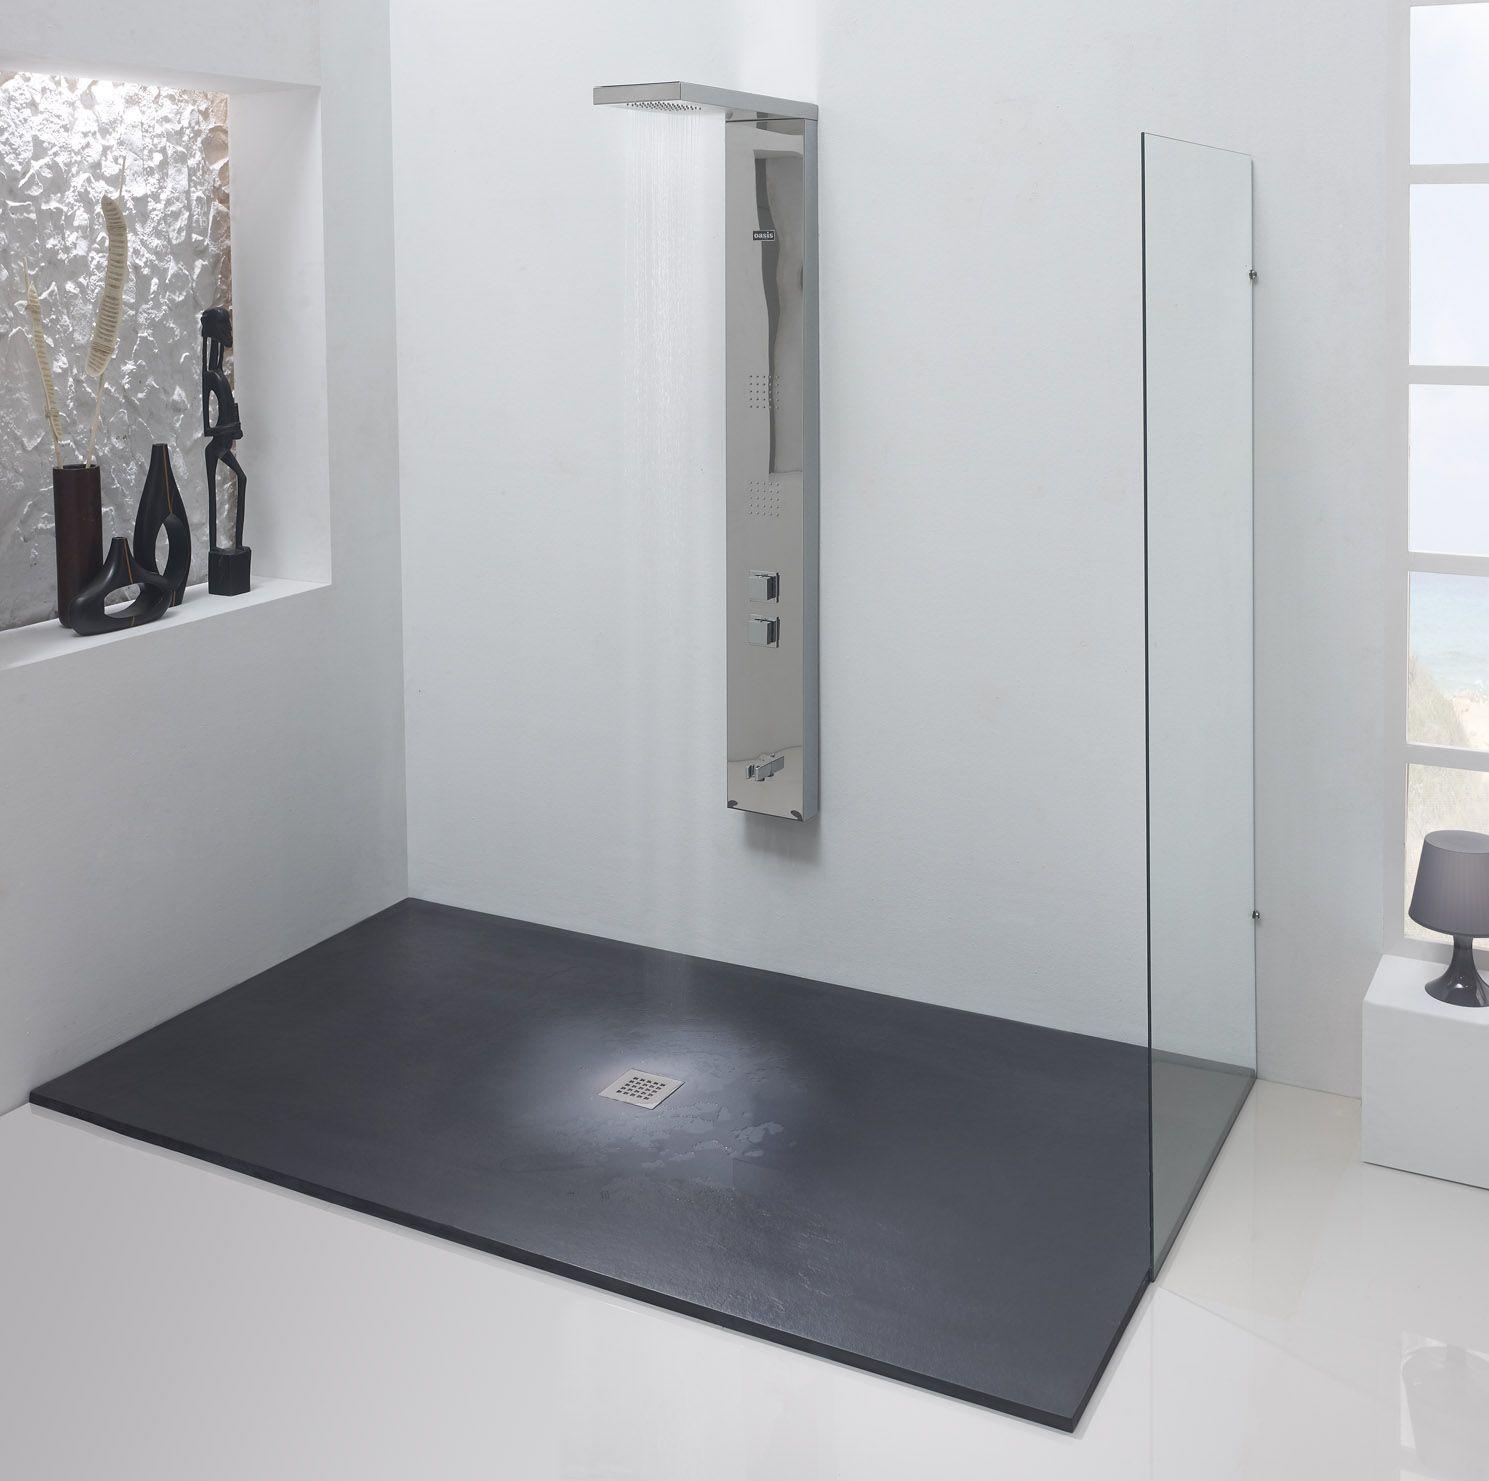 Platos de ducha de dise o creativo y diferentes formatos - Modelos de banos y duchas ...